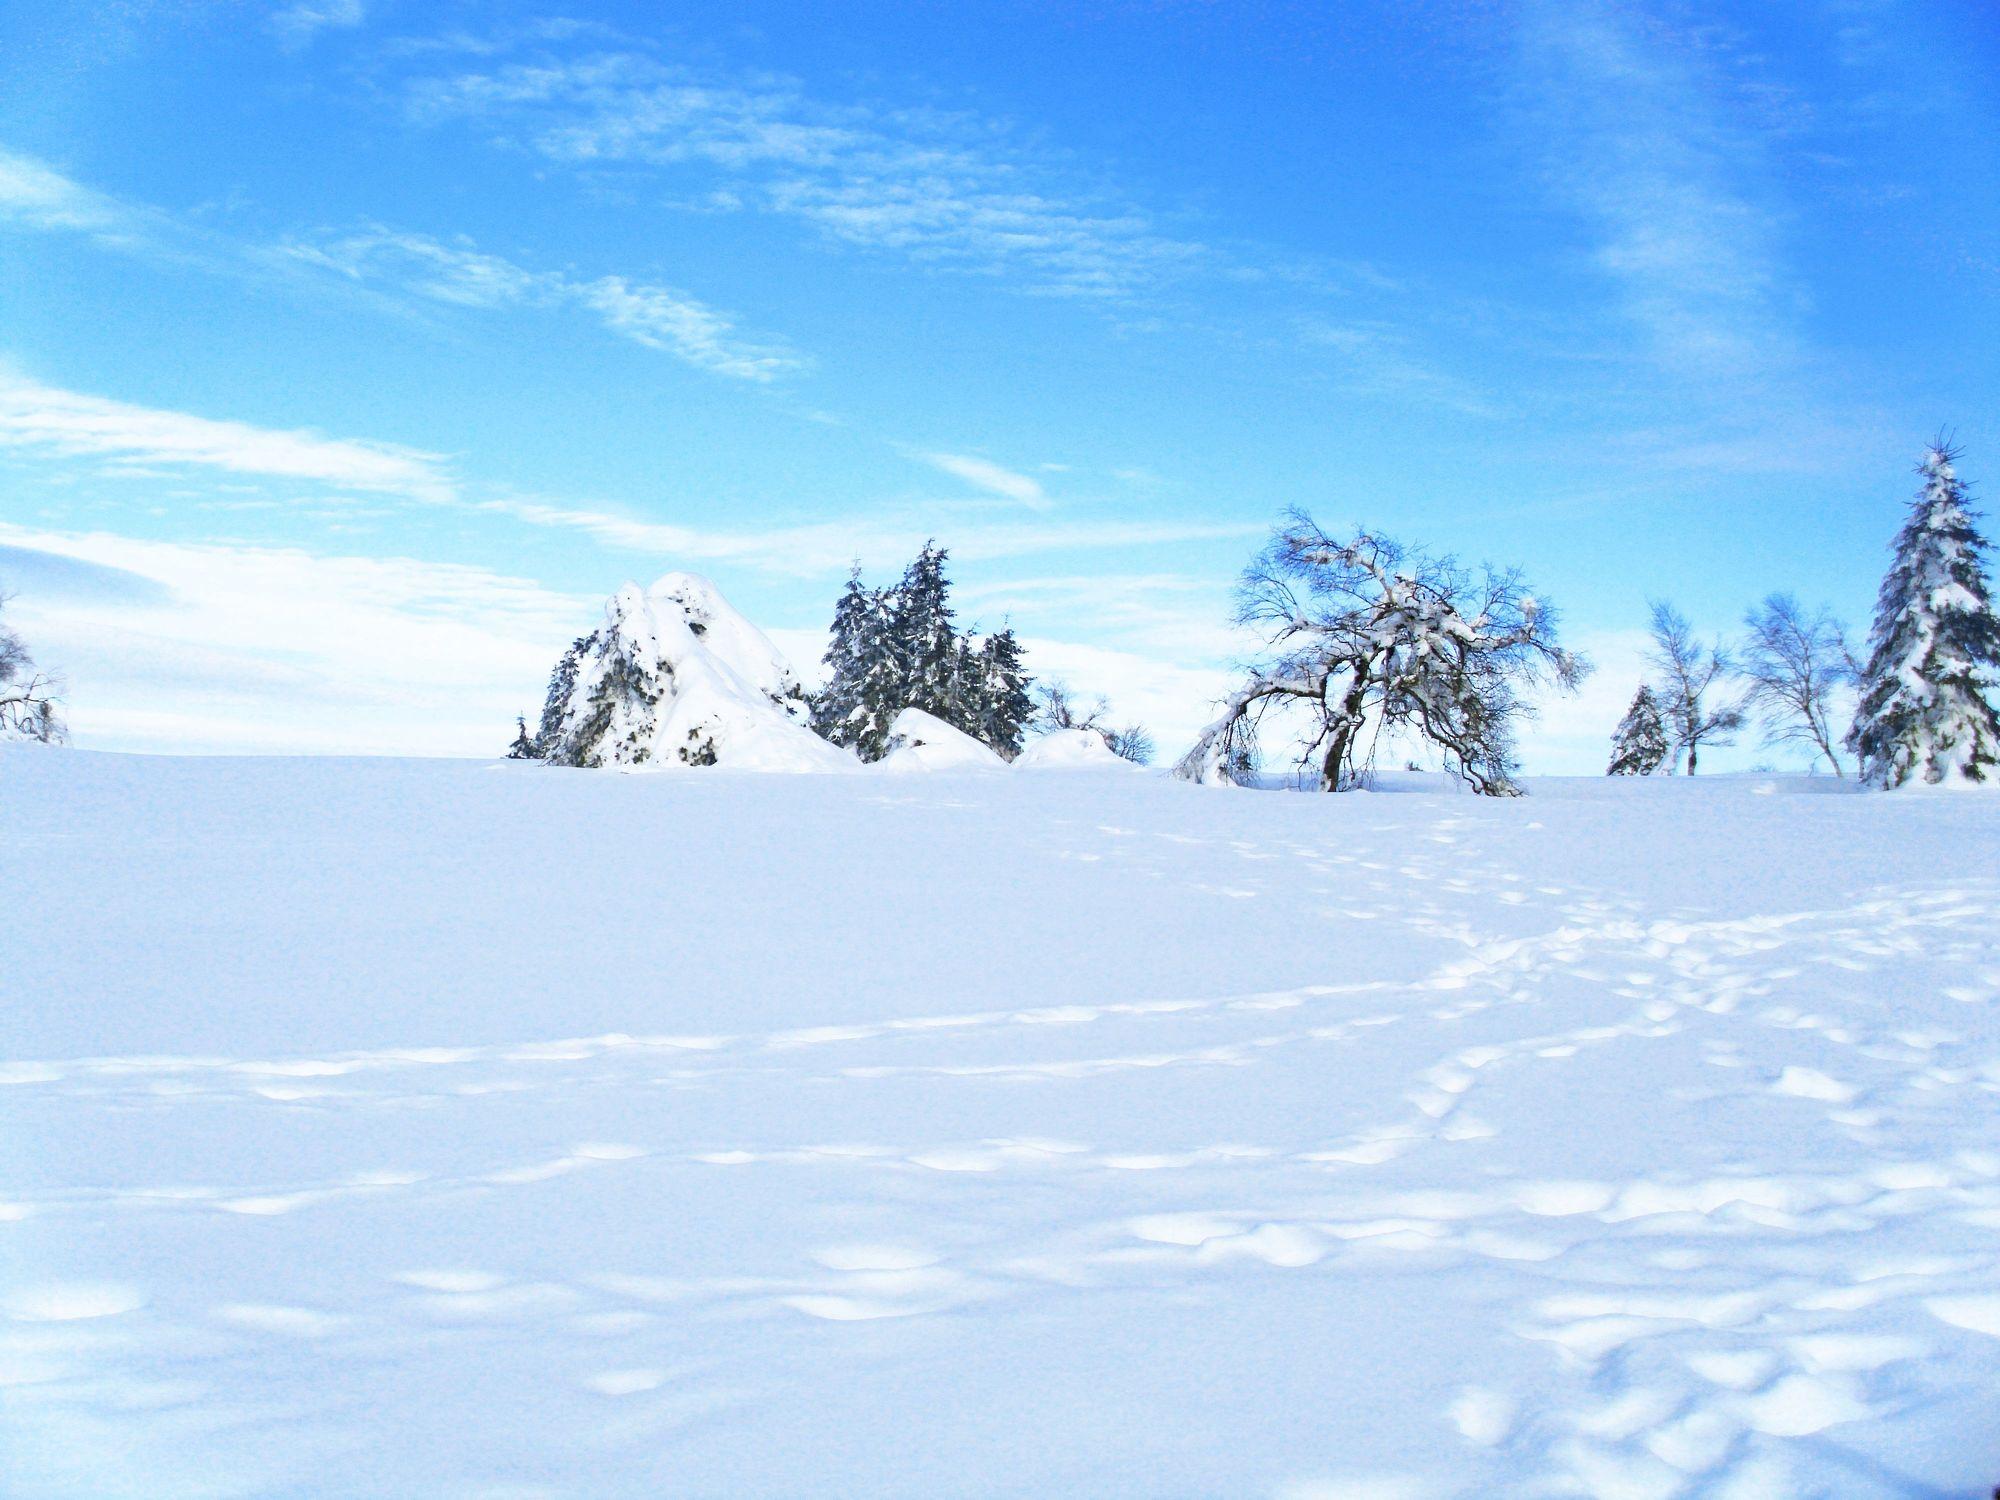 Bild mit Farben, Natur, Pflanzen, Landschaften, Berge und Hügel, Berge, Himmel, Bäume, Nadelbäume, Jahreszeiten, Winter, Wetter, Schnee, Wolken, Blau, Tanne, winterlandschaft